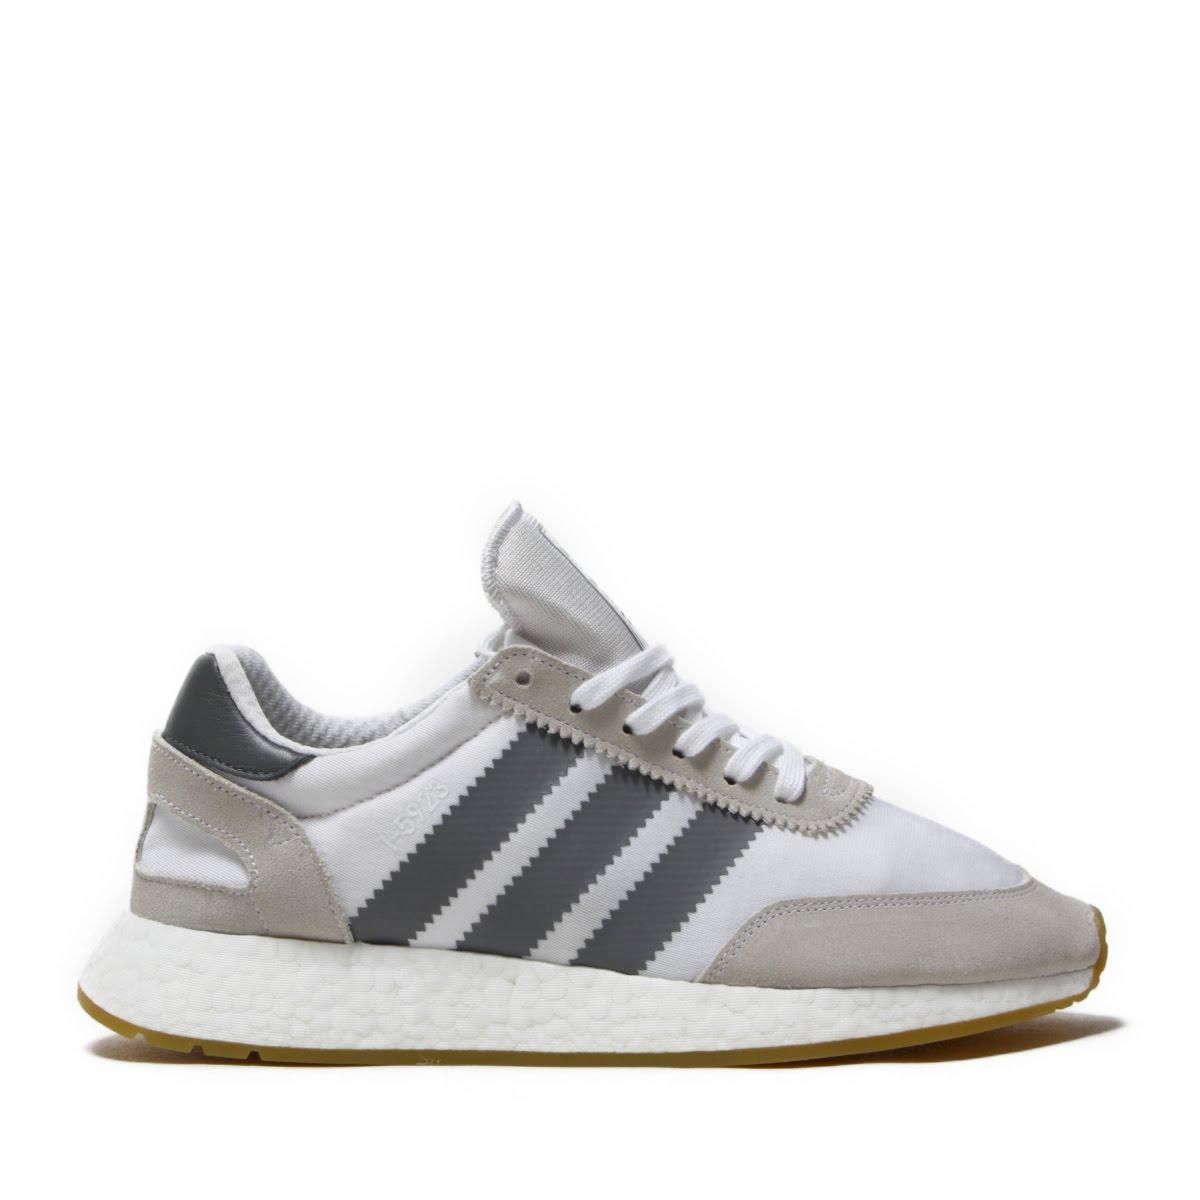 newest 332c9 5072a ... adidas Originals I-5923 (Adidas I-5923) White Tint College Navy ...